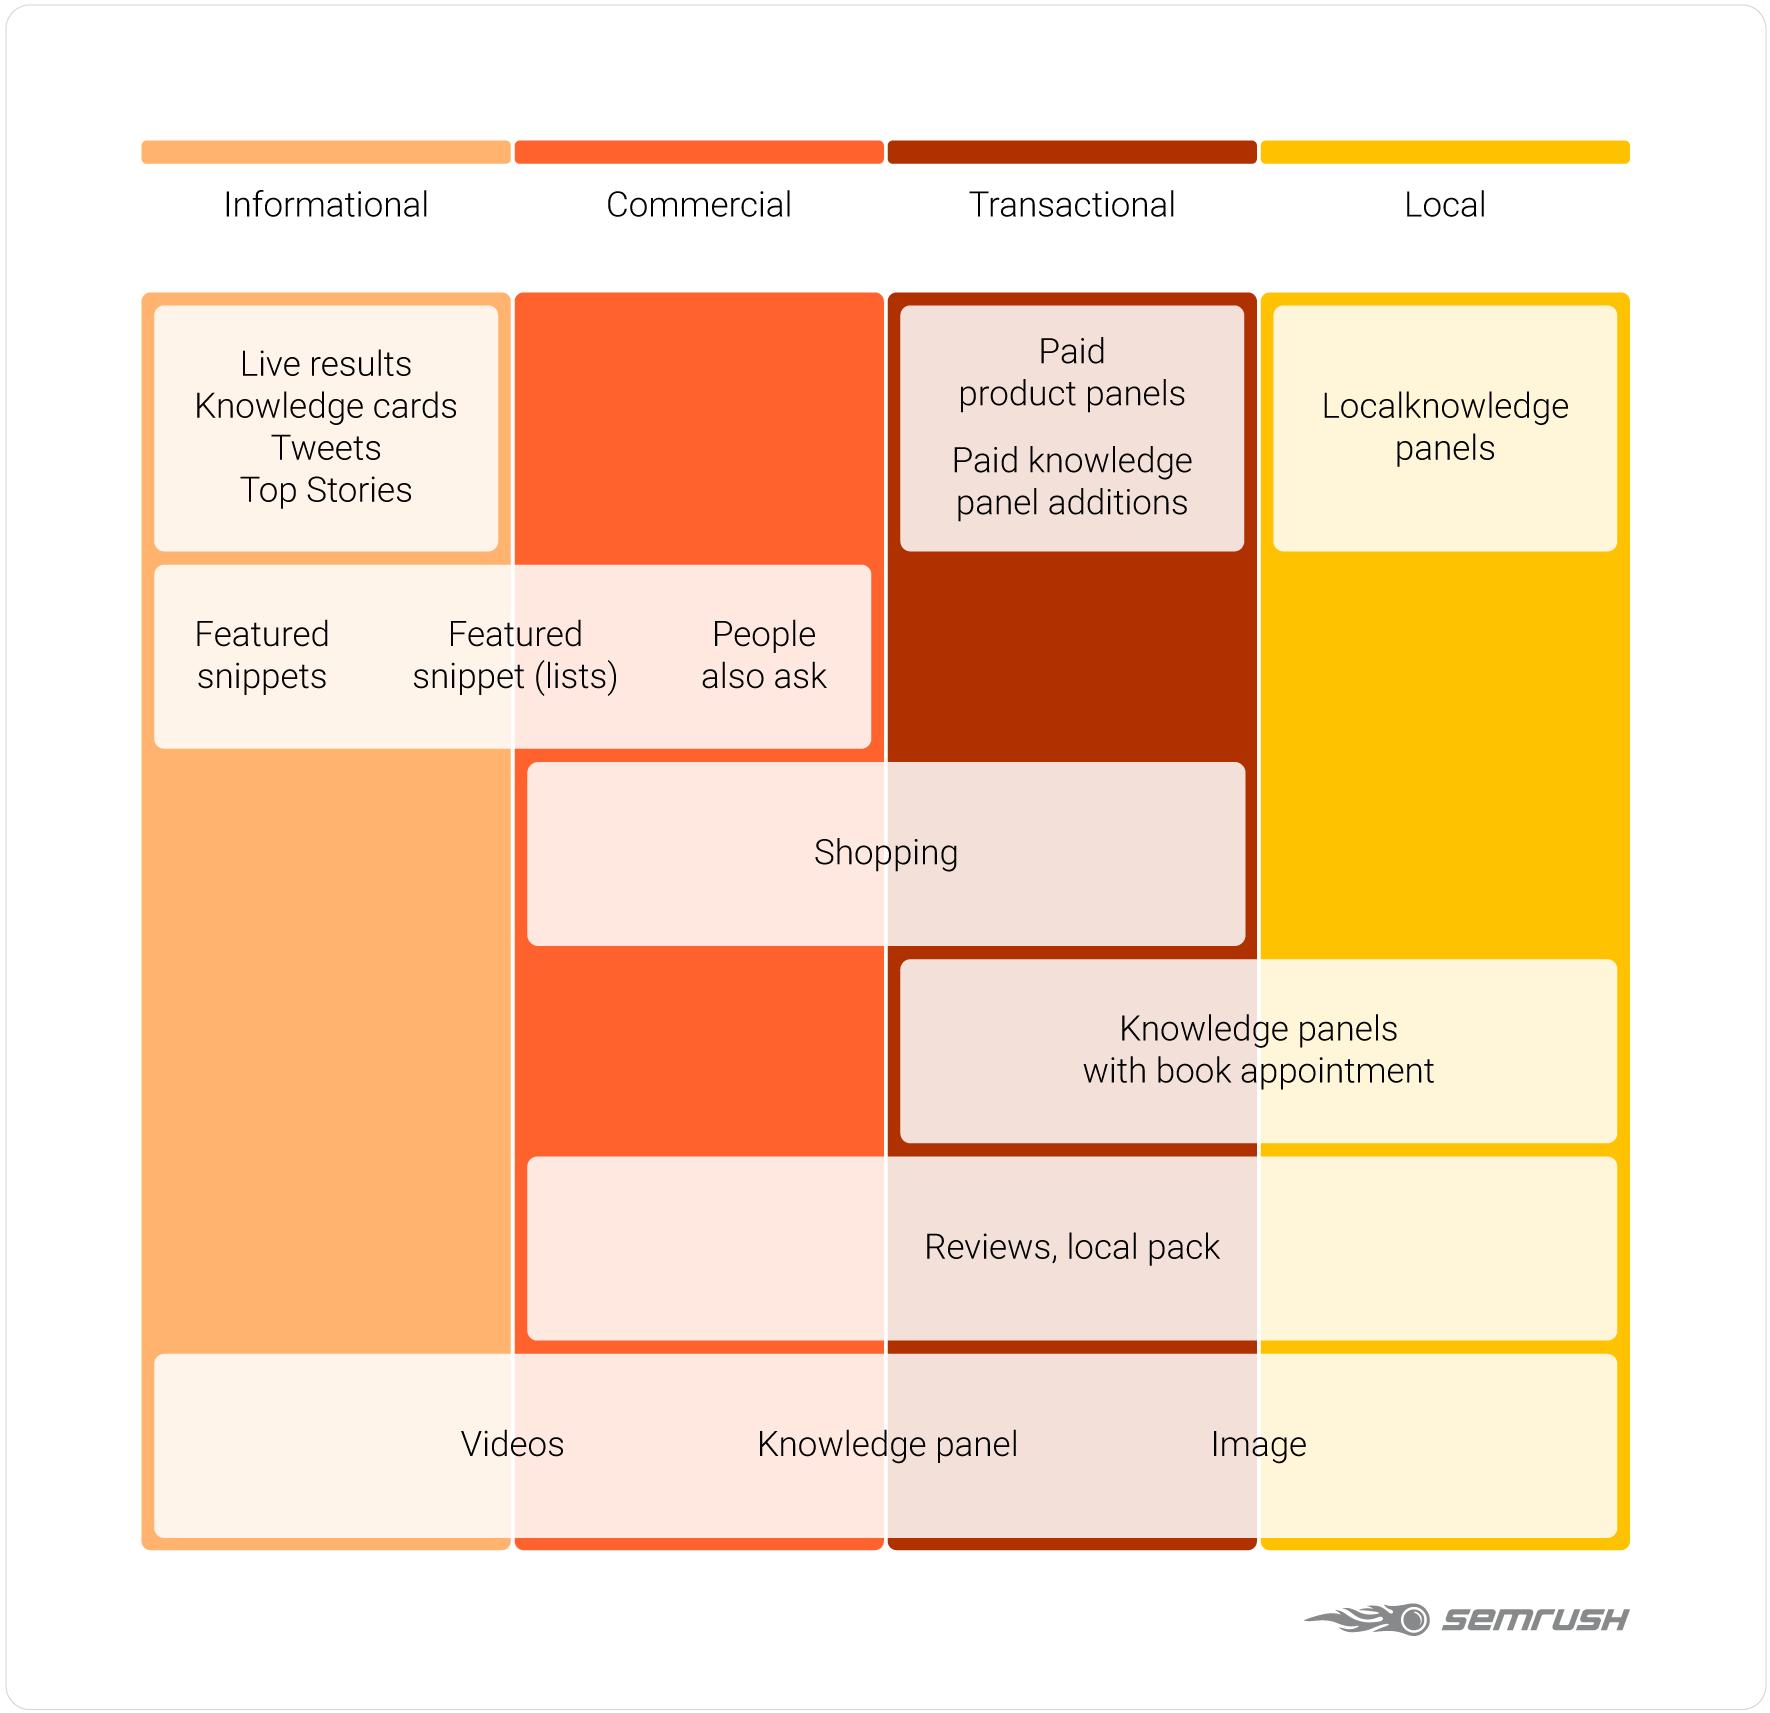 L'unica SEO checklist di cui avrai bisogno nel 2020: 41 best practice. Immagine 9